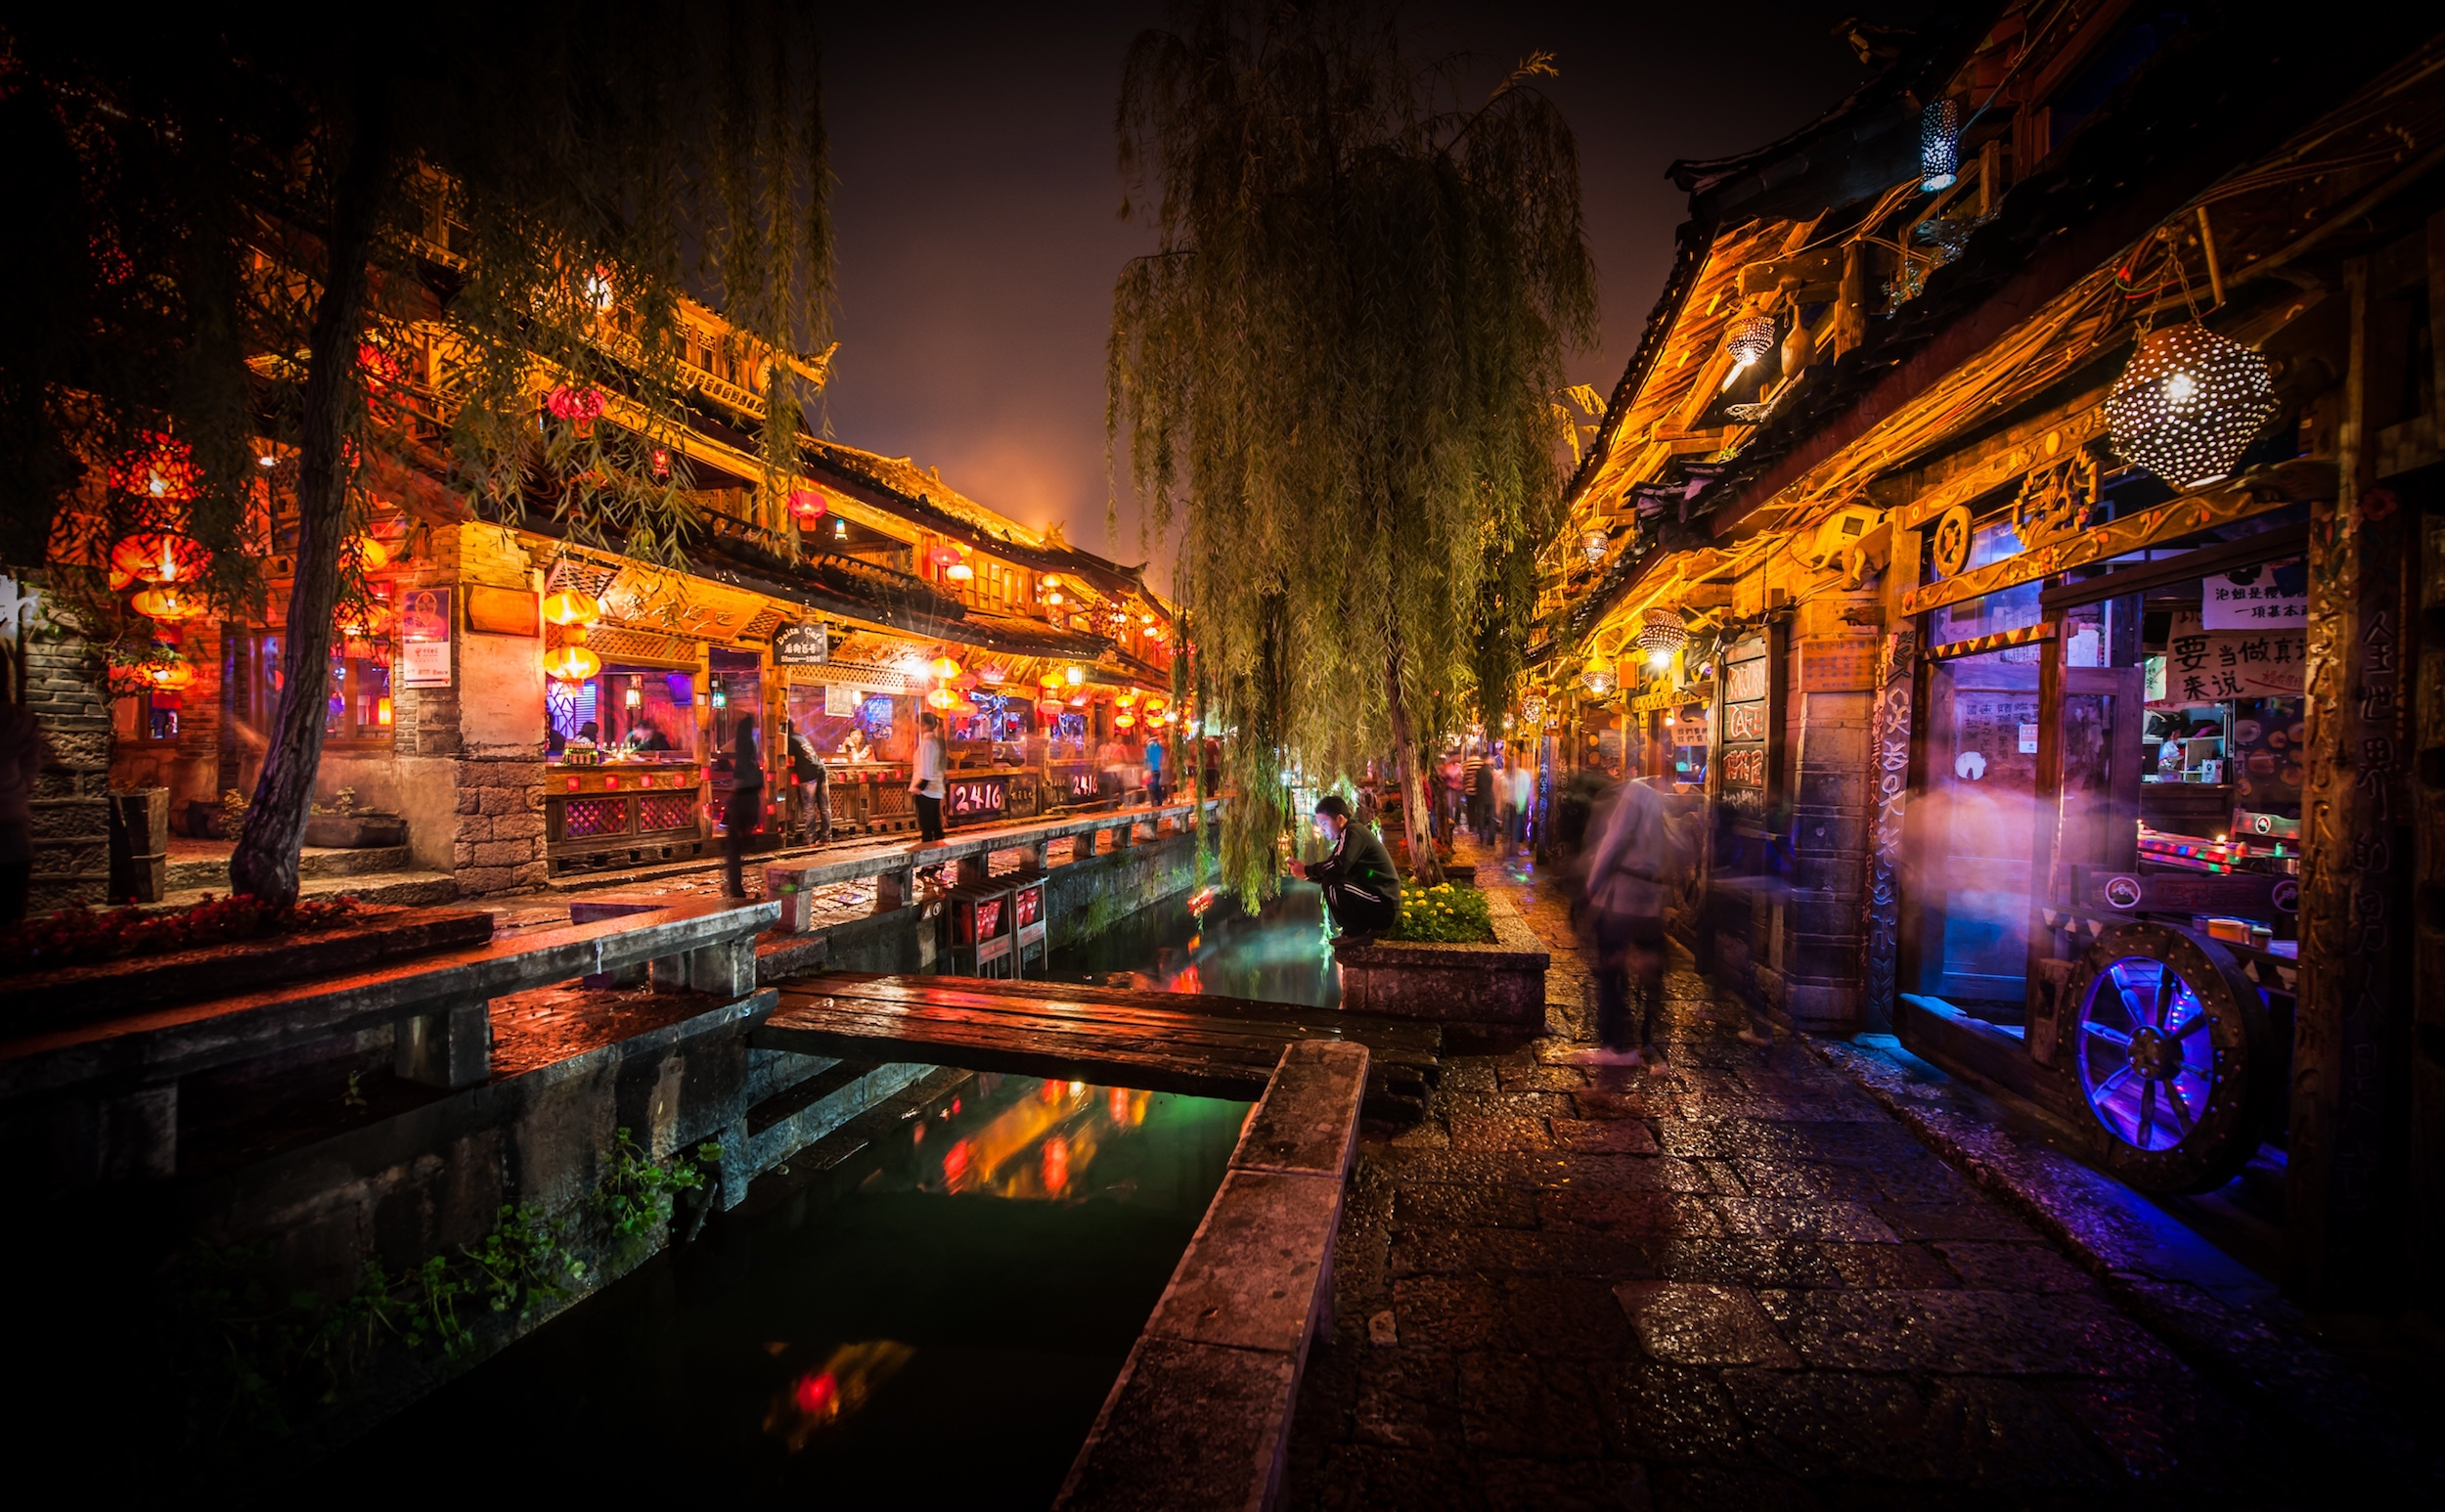 Night in Lijiang, China